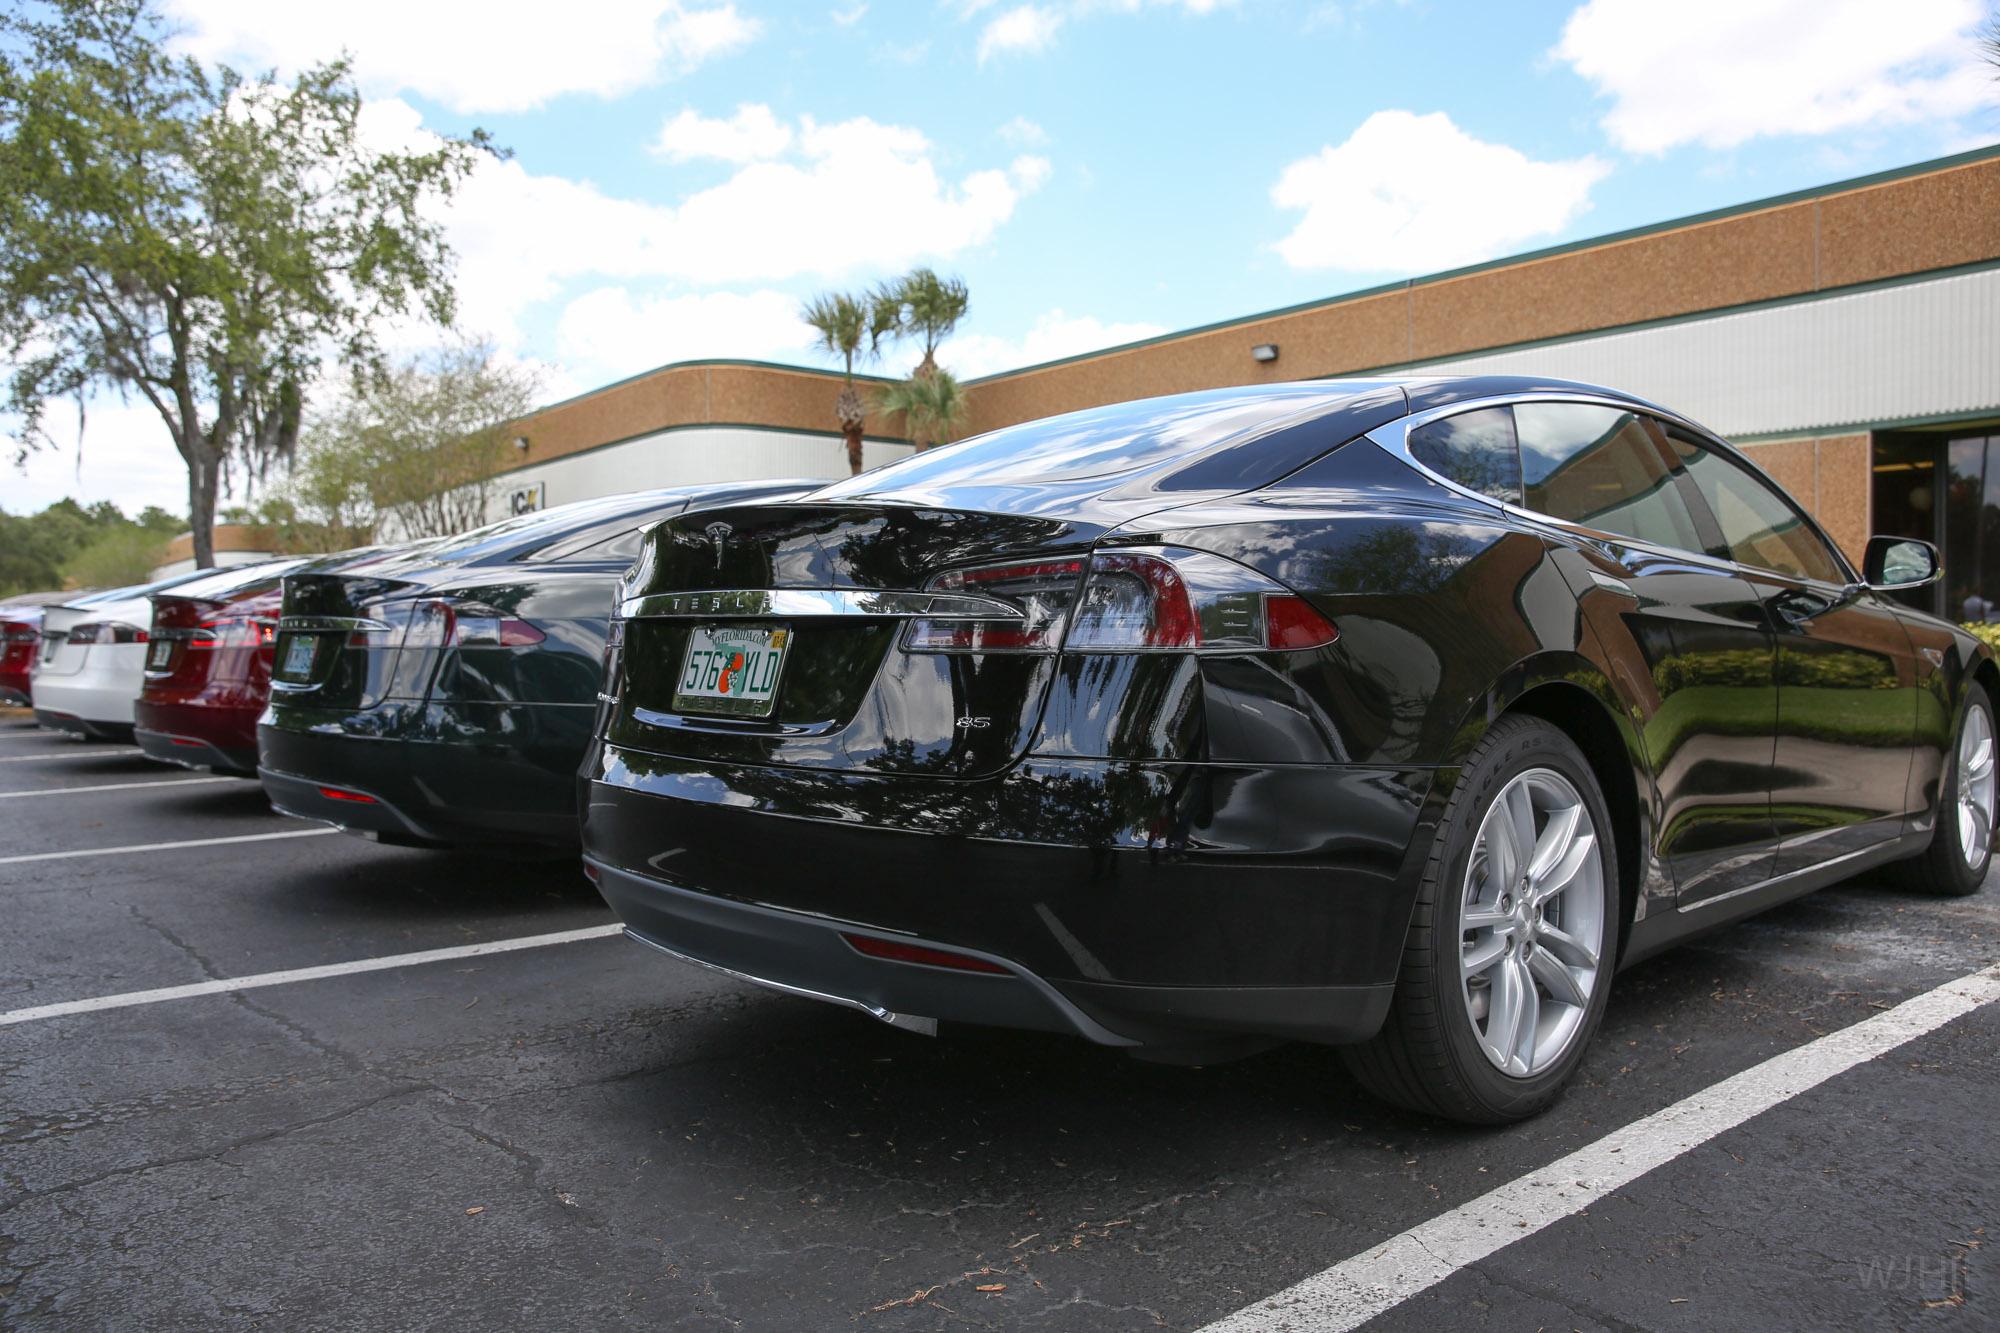 TeslaMotorsClub_Tampa_28APR13_0056.jpg